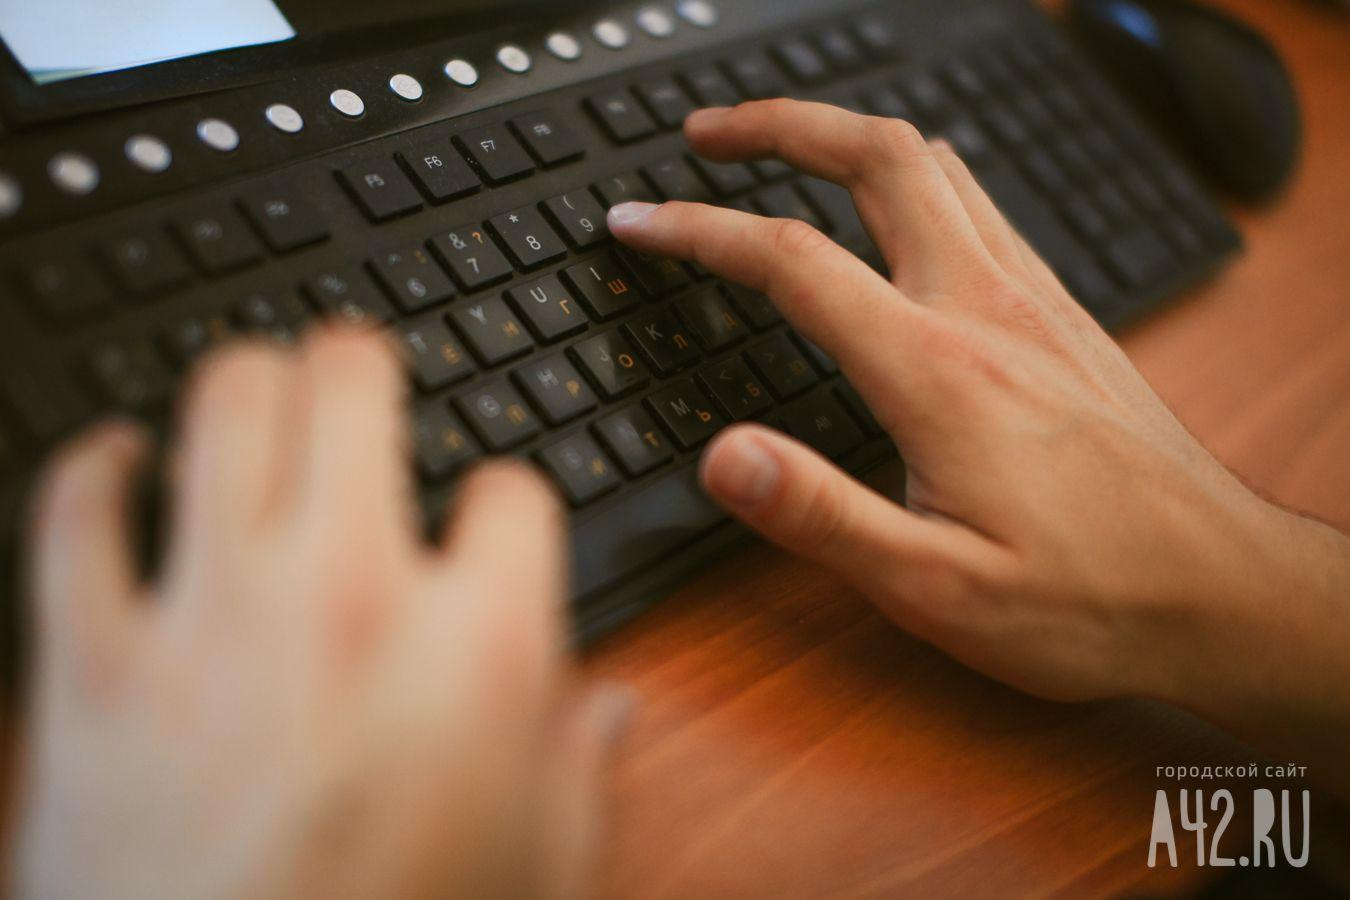 Суд удовлетворил иск «ВКонтакте» изапретил использовать данные пользователей соцсети